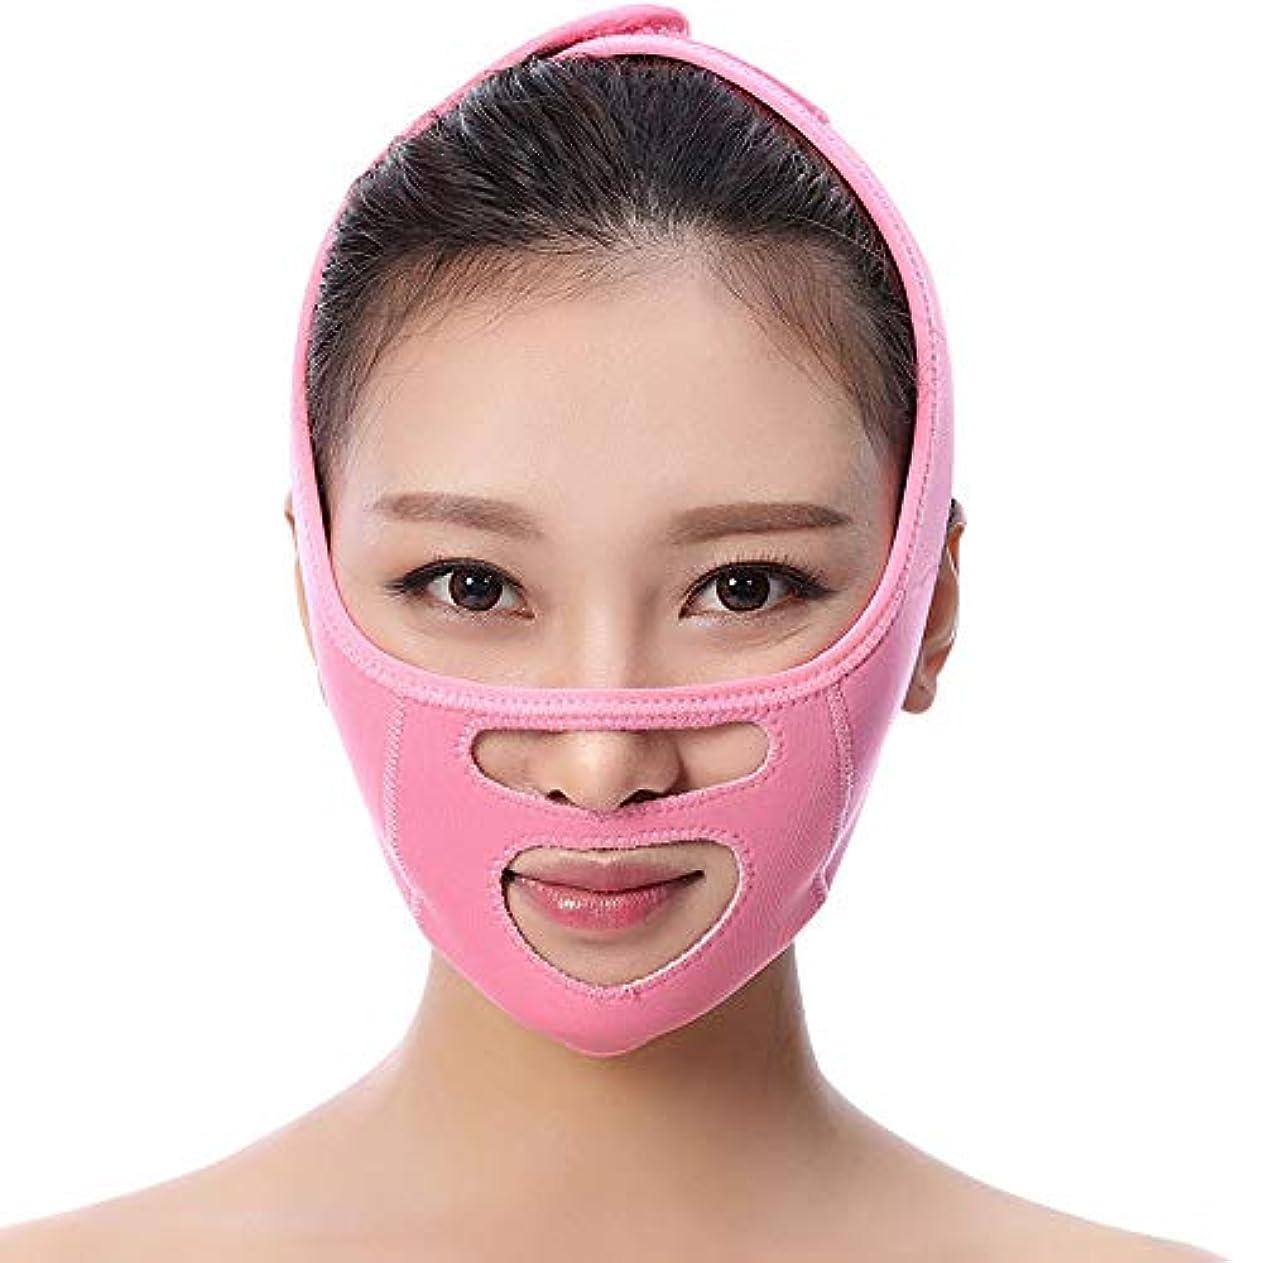 札入れ逆説ロボットフェイスリフトマスク、薄型フェイスベルトを眠らせる/フェイスフェイスリフトアーチファクト(ブルー/ピンク)を令状にするために美容フェイスリフト包帯を強化,Pink